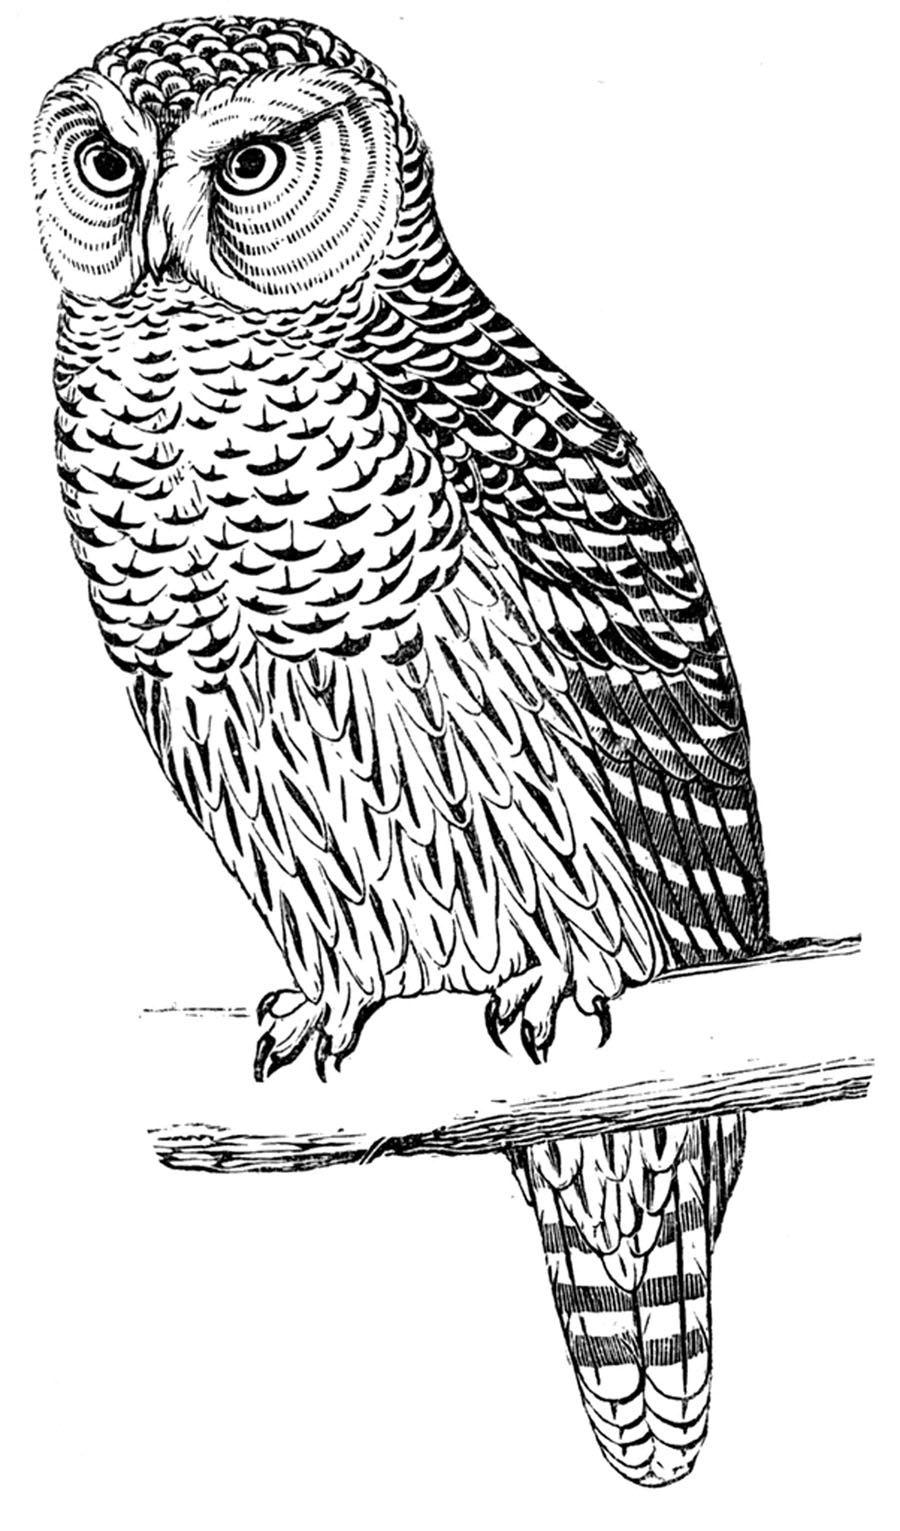 Free Digital Stamp Owl Image Digital stamps, Owl, Stamp